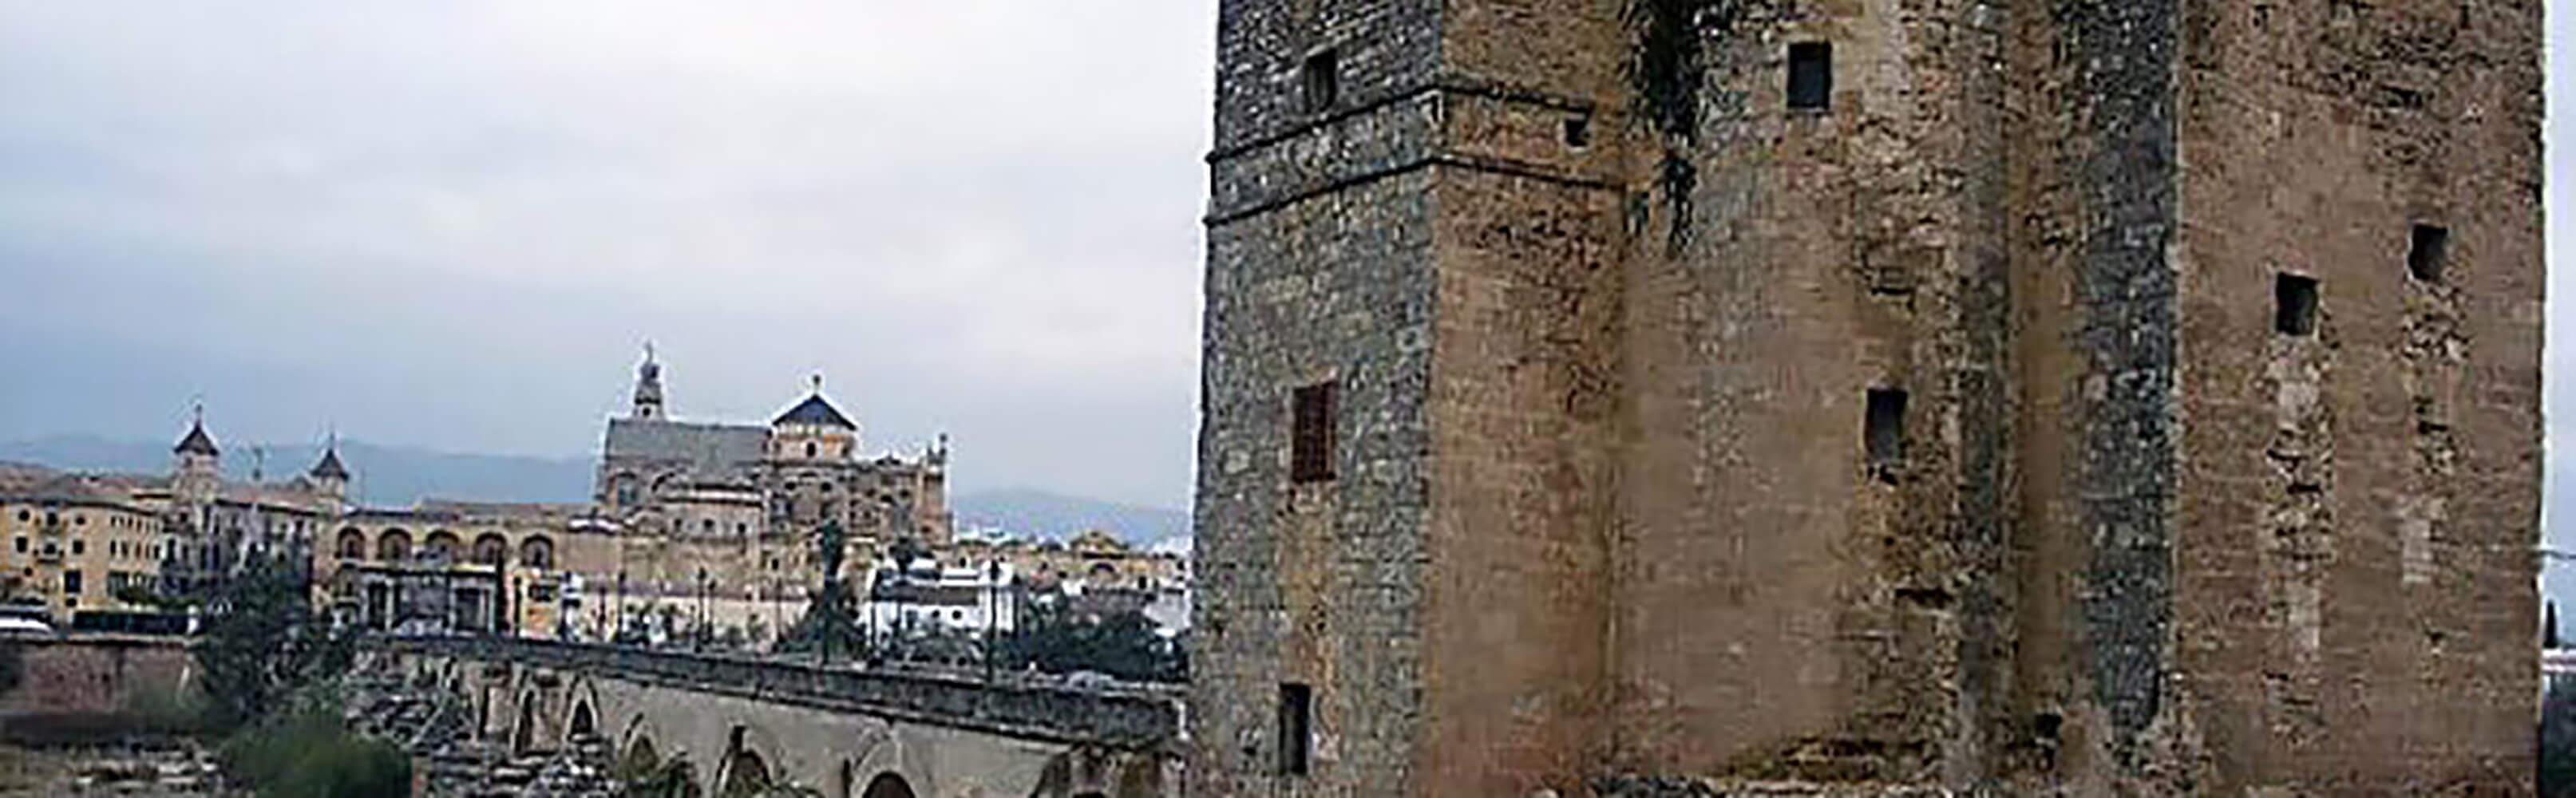 Torre de la Calahorra 1